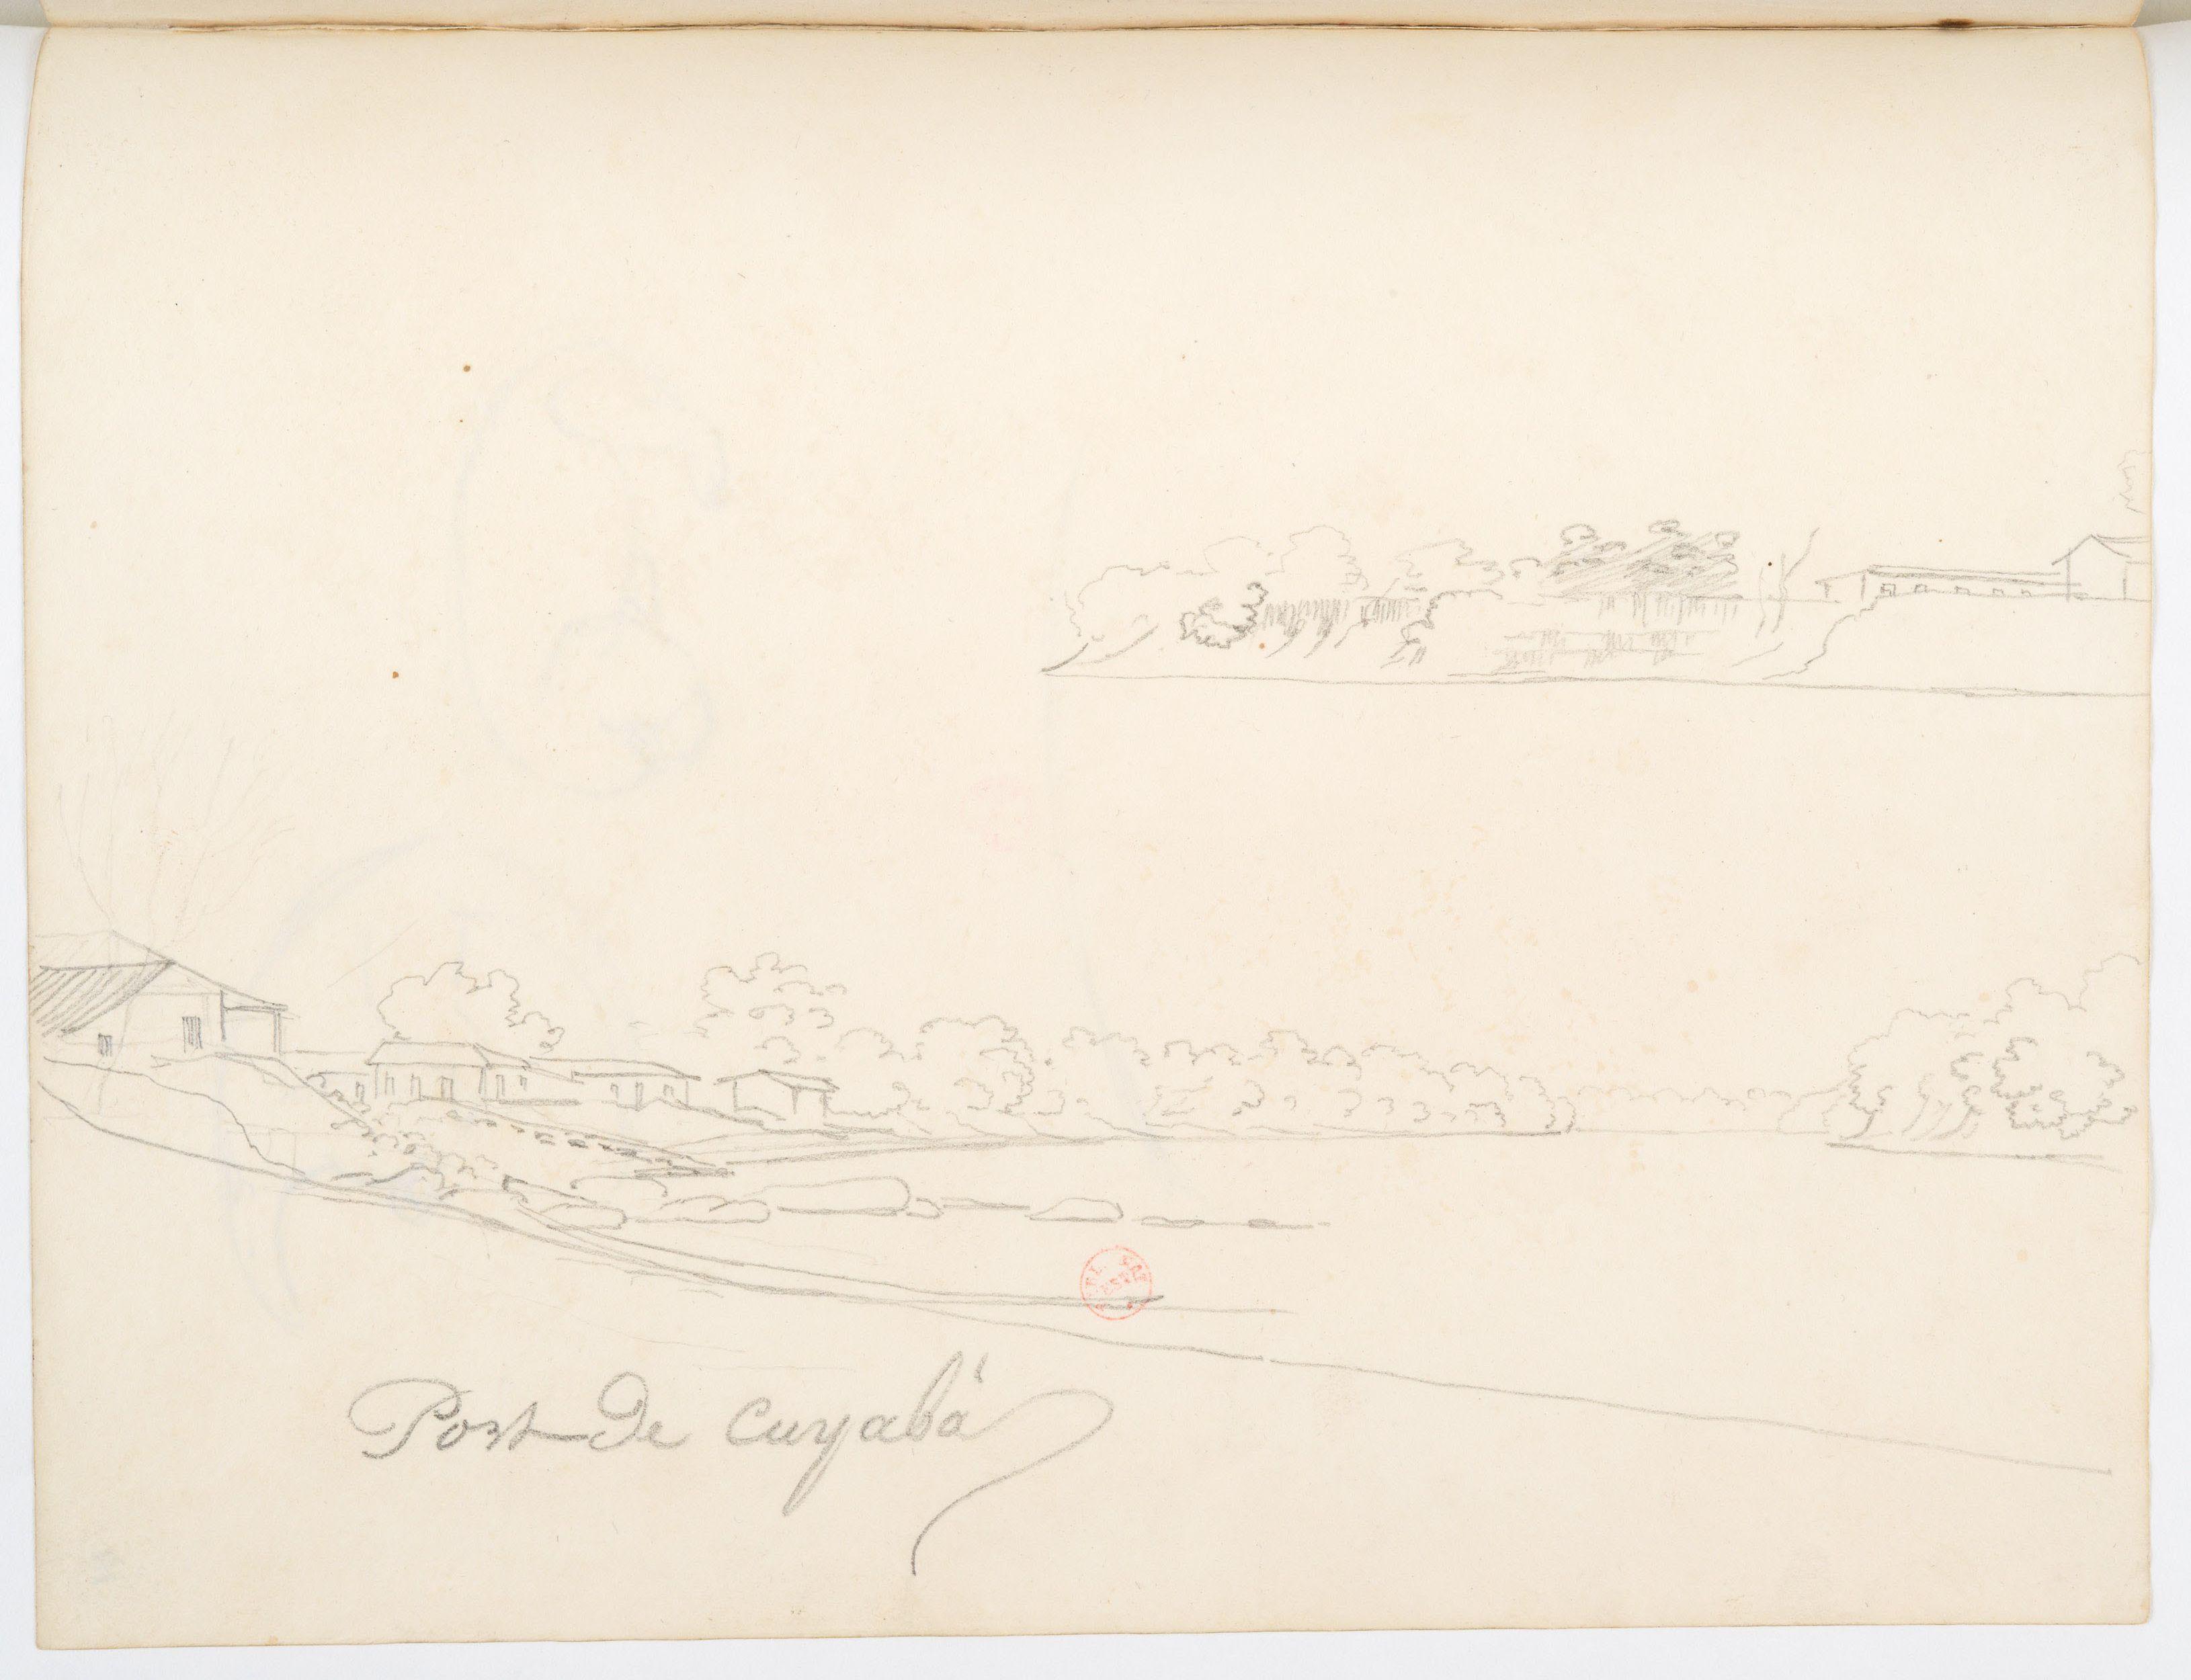 FLORENCE, Hercule -  Port de Cuyabá [Desenho do Carnet de dessins] - [1827] - Grafite sobre papel - 19,3 x 24,7 cm - Coleção Bibliothèque Nationale de France (Paris)